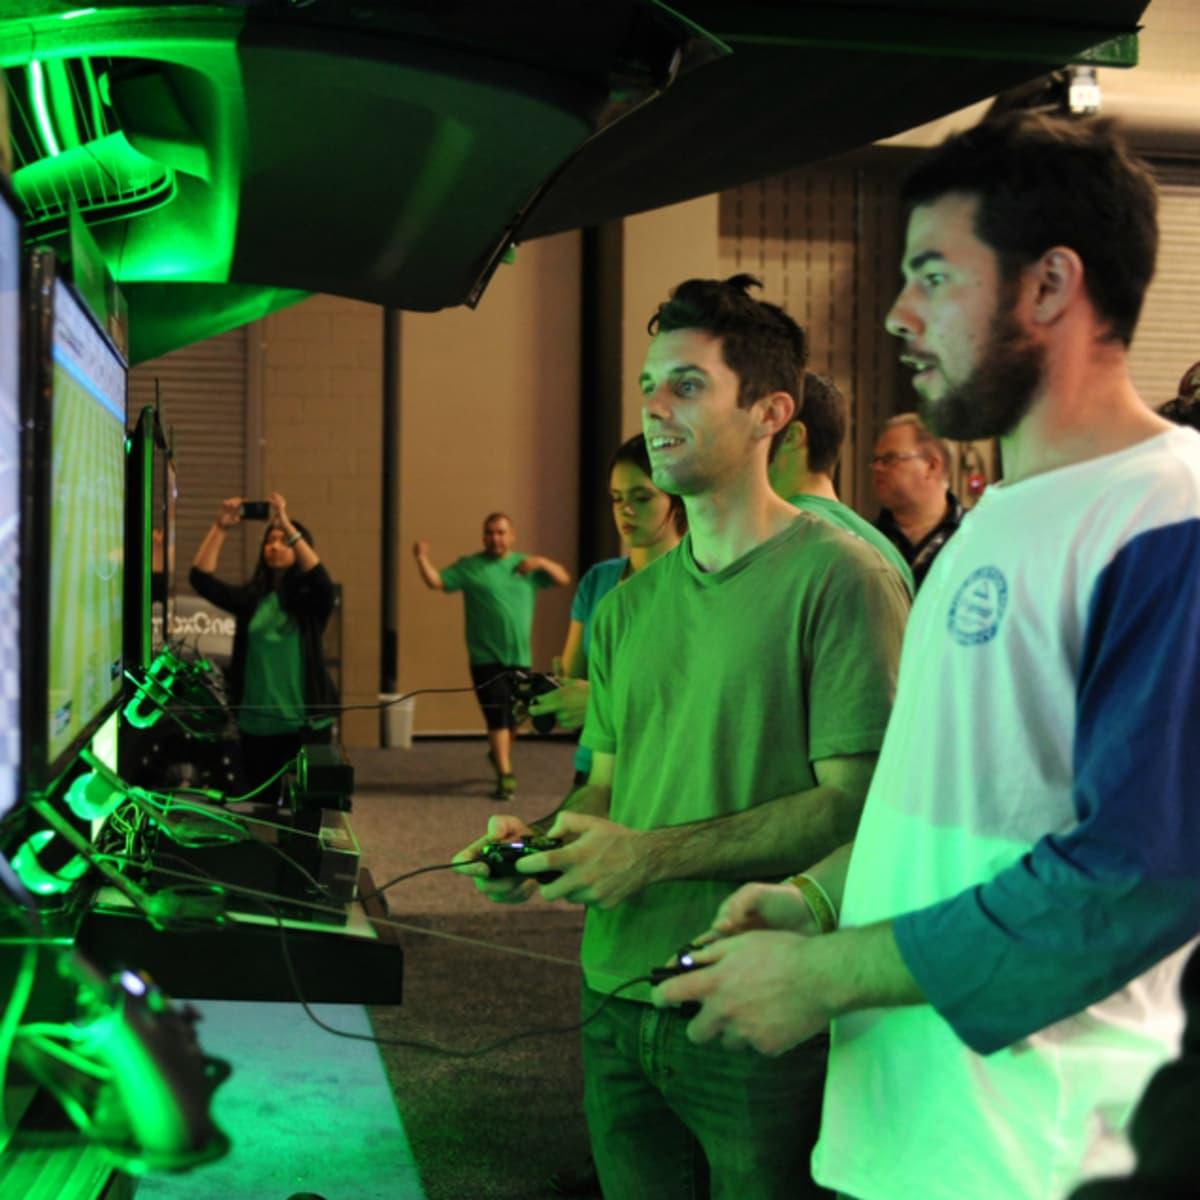 SXSW Gaming Expo 2014